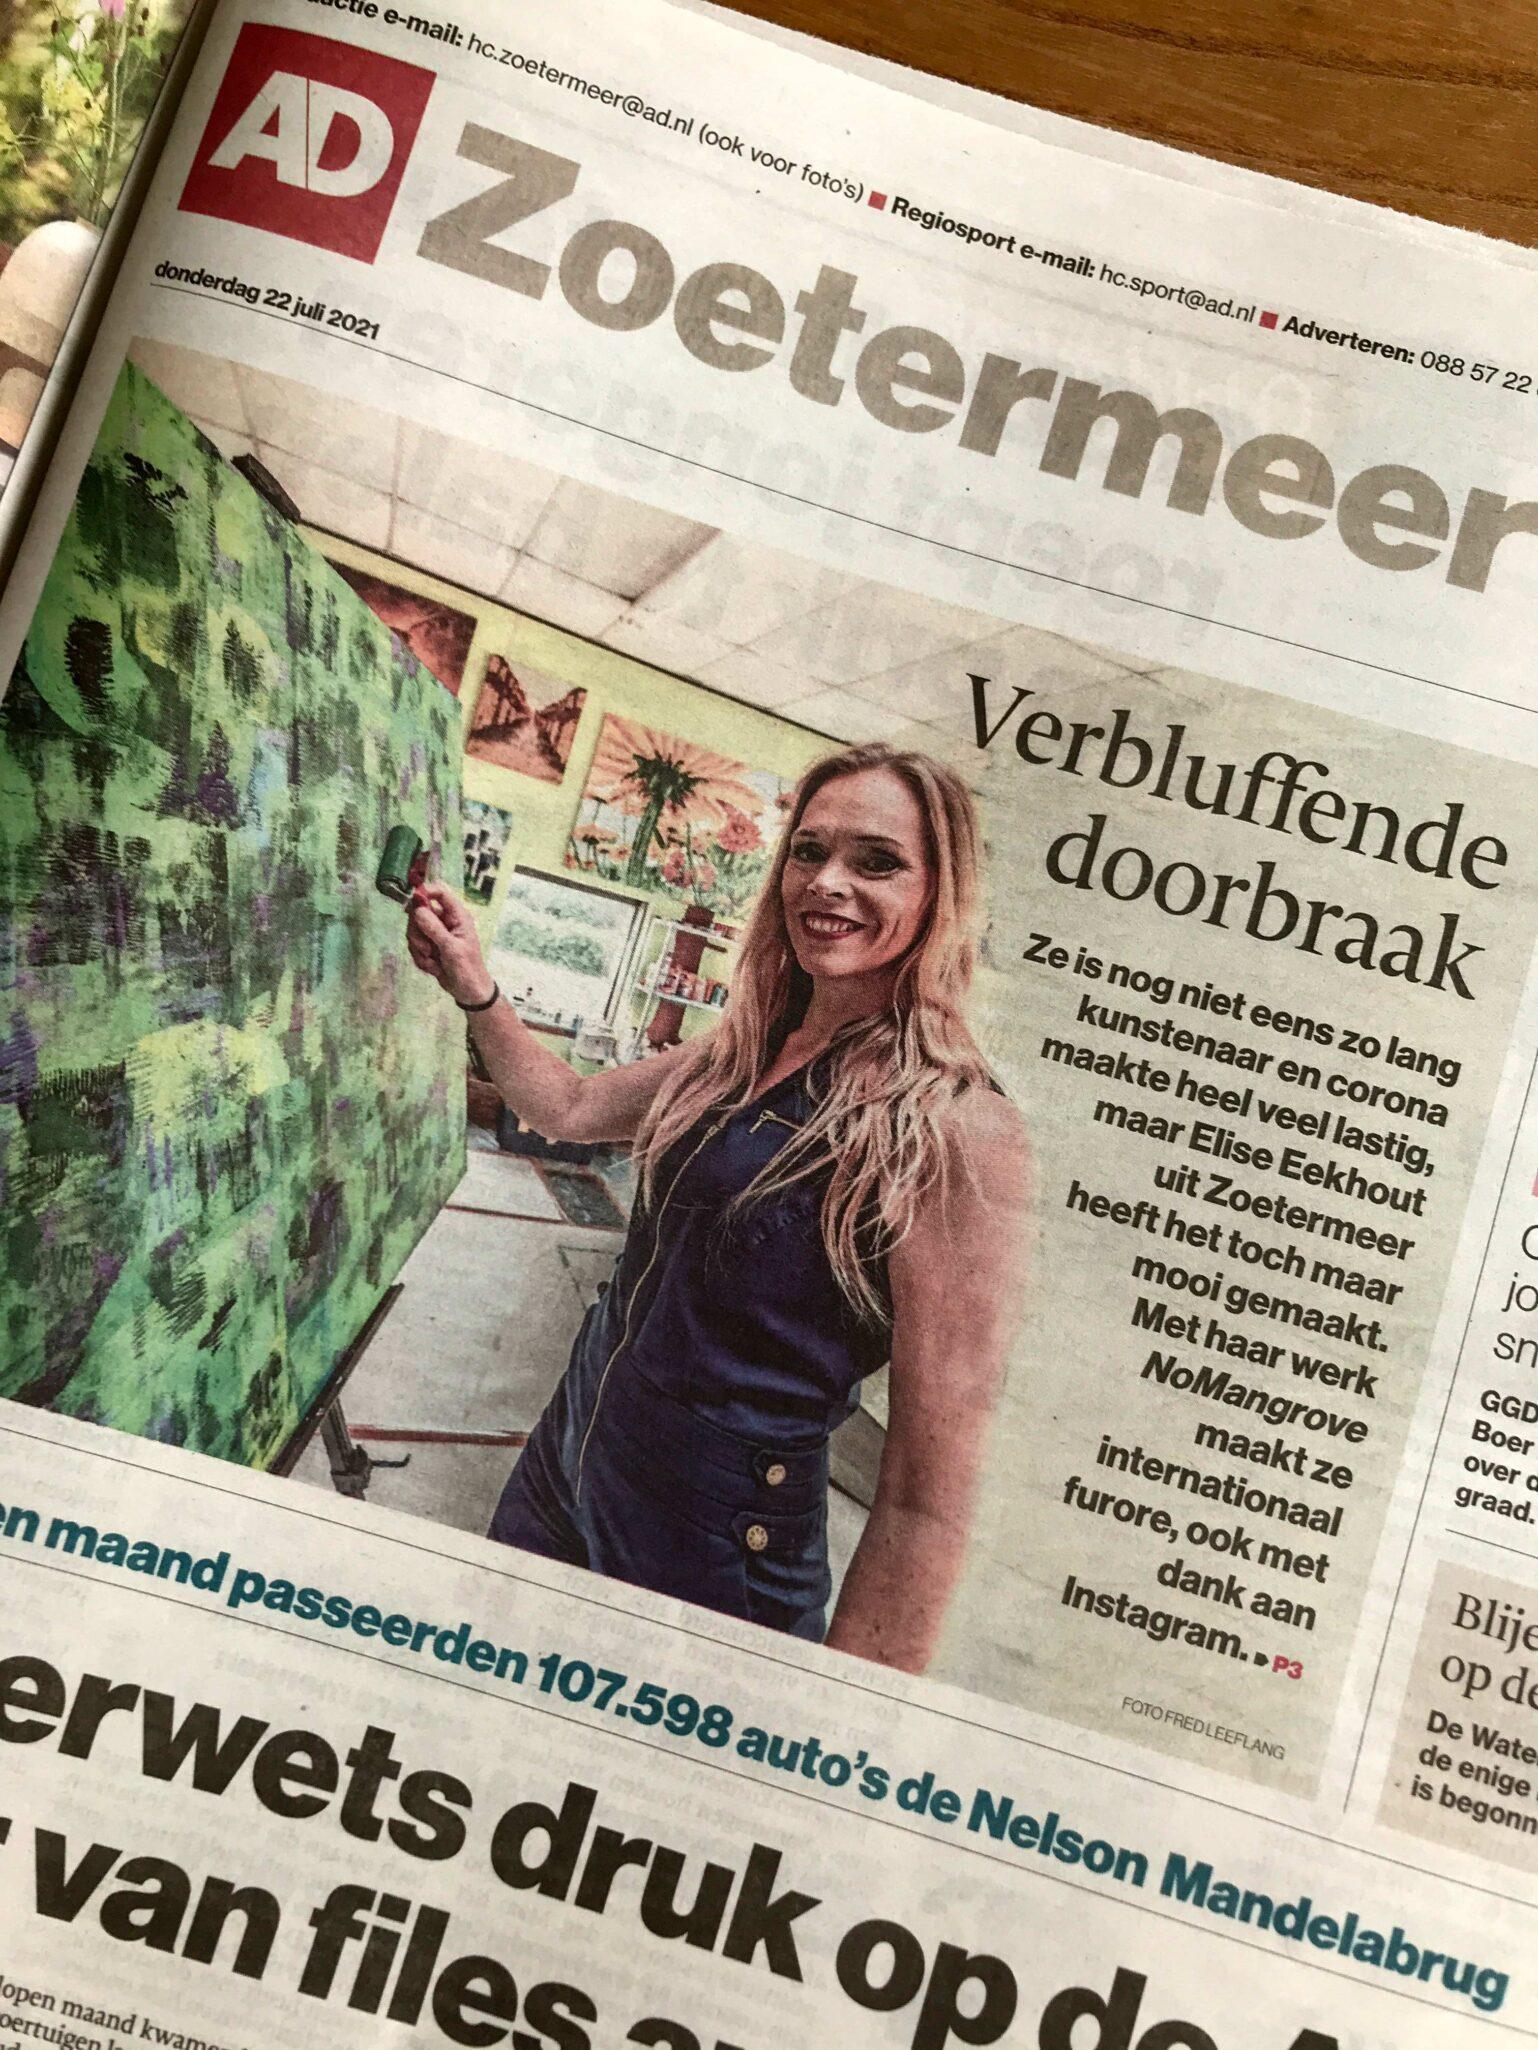 Elise Eekhout | Message in newspaper